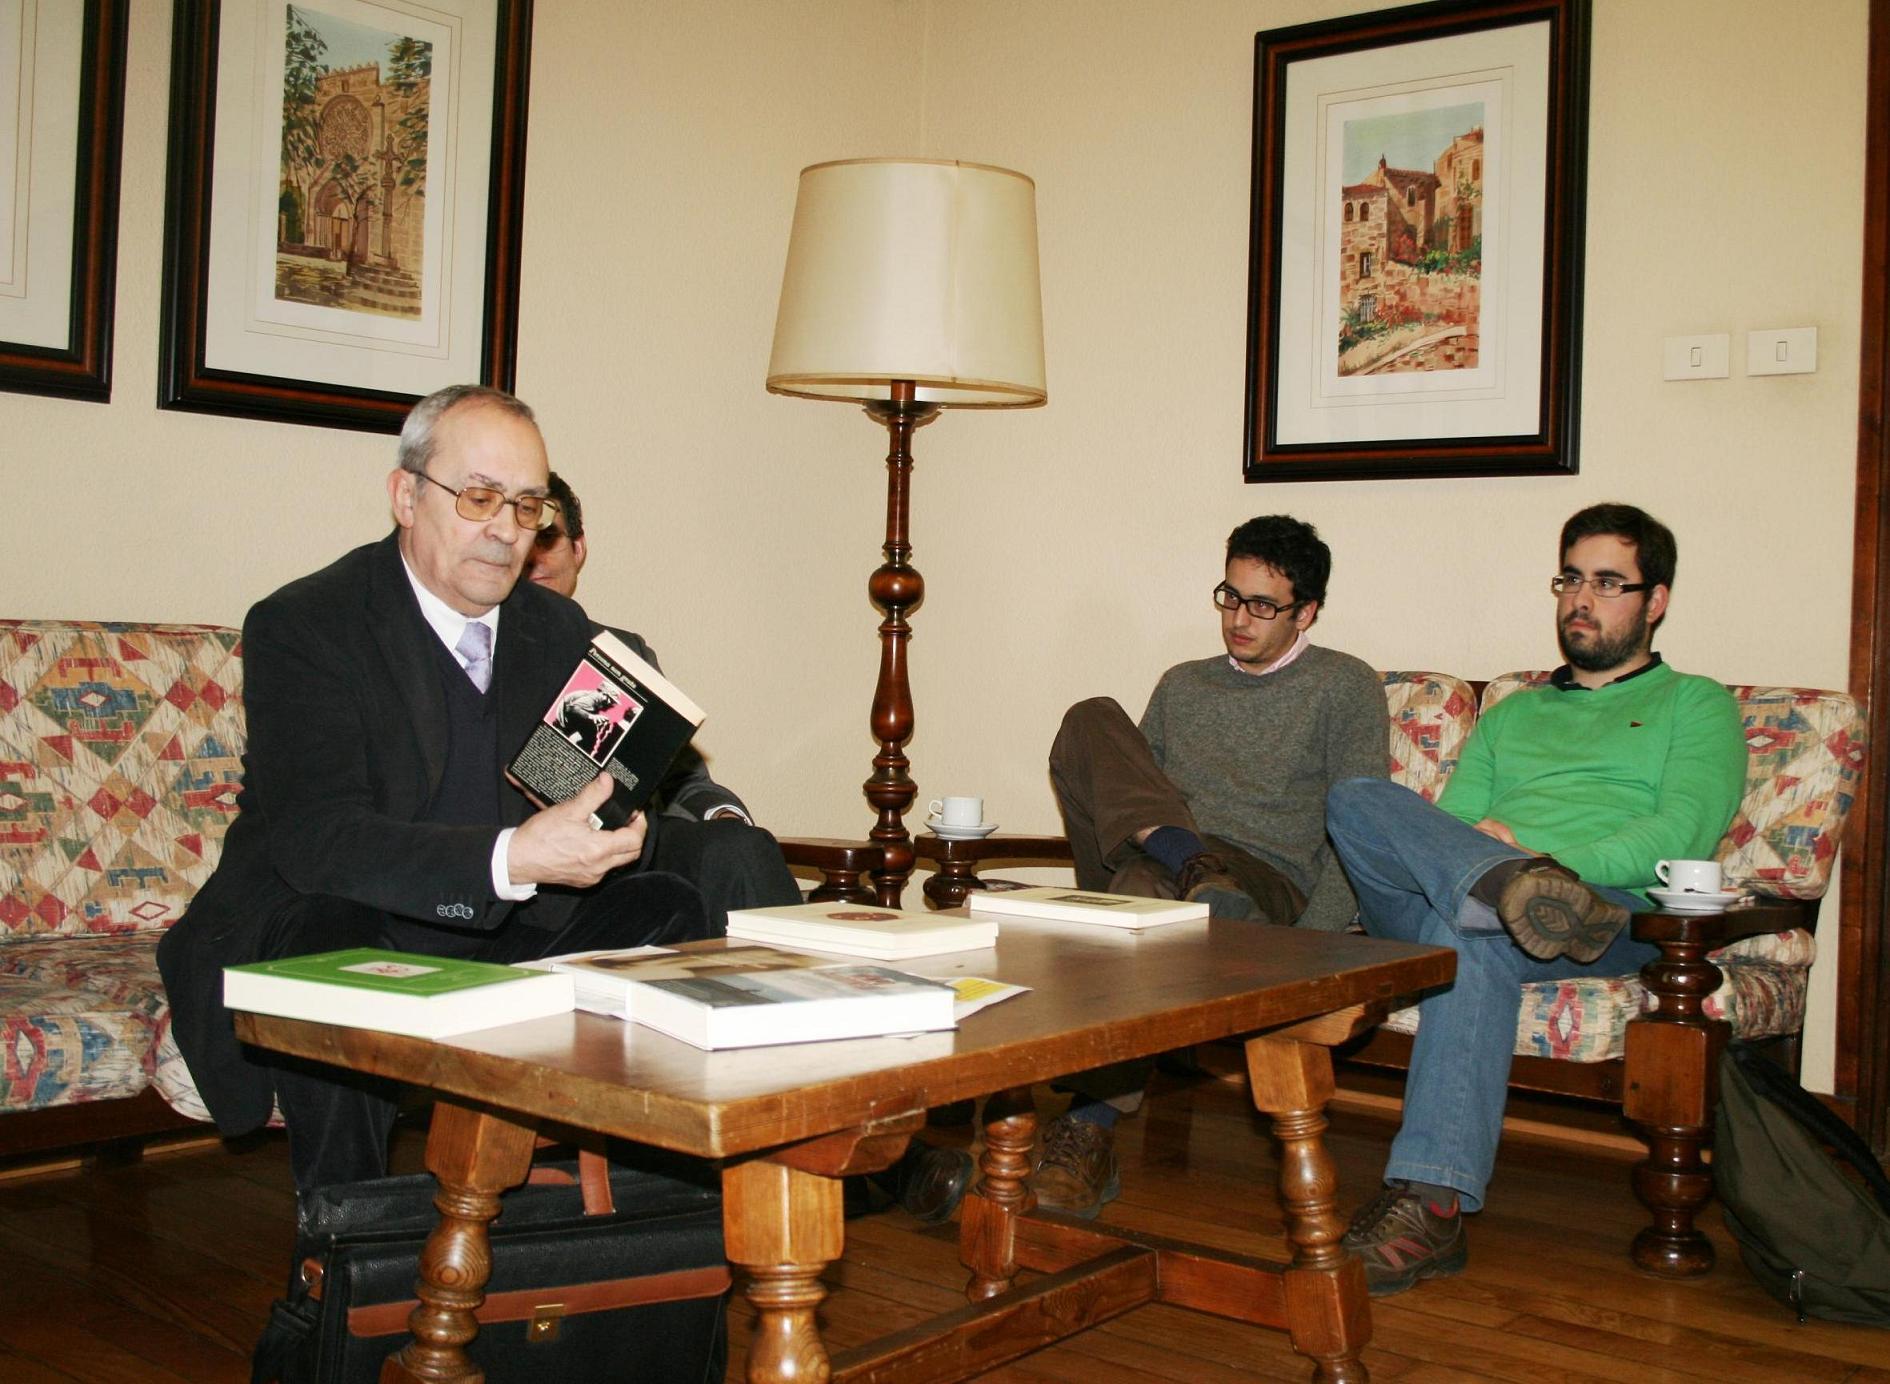 El crítico literario e investigador Luis Alonso Girgado participa en una tertulia en el Colegio Mayor